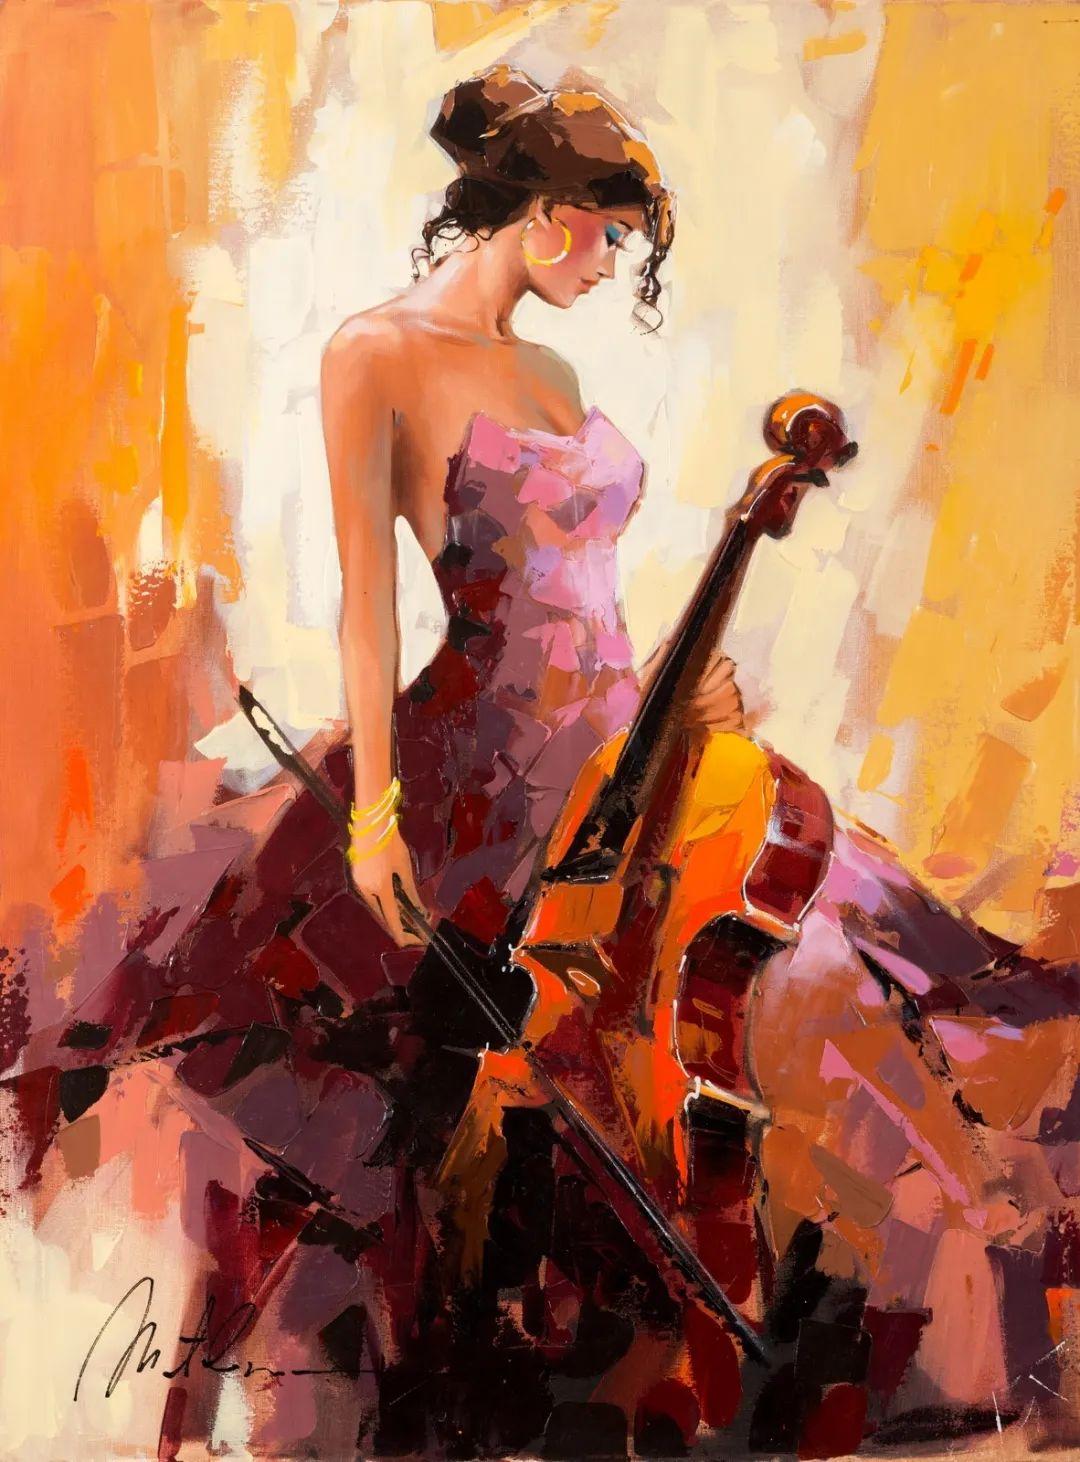 捕捉舞者的瞬间,色彩丰富表现力强!乌克兰画家阿纳托利·梅特兰插图25